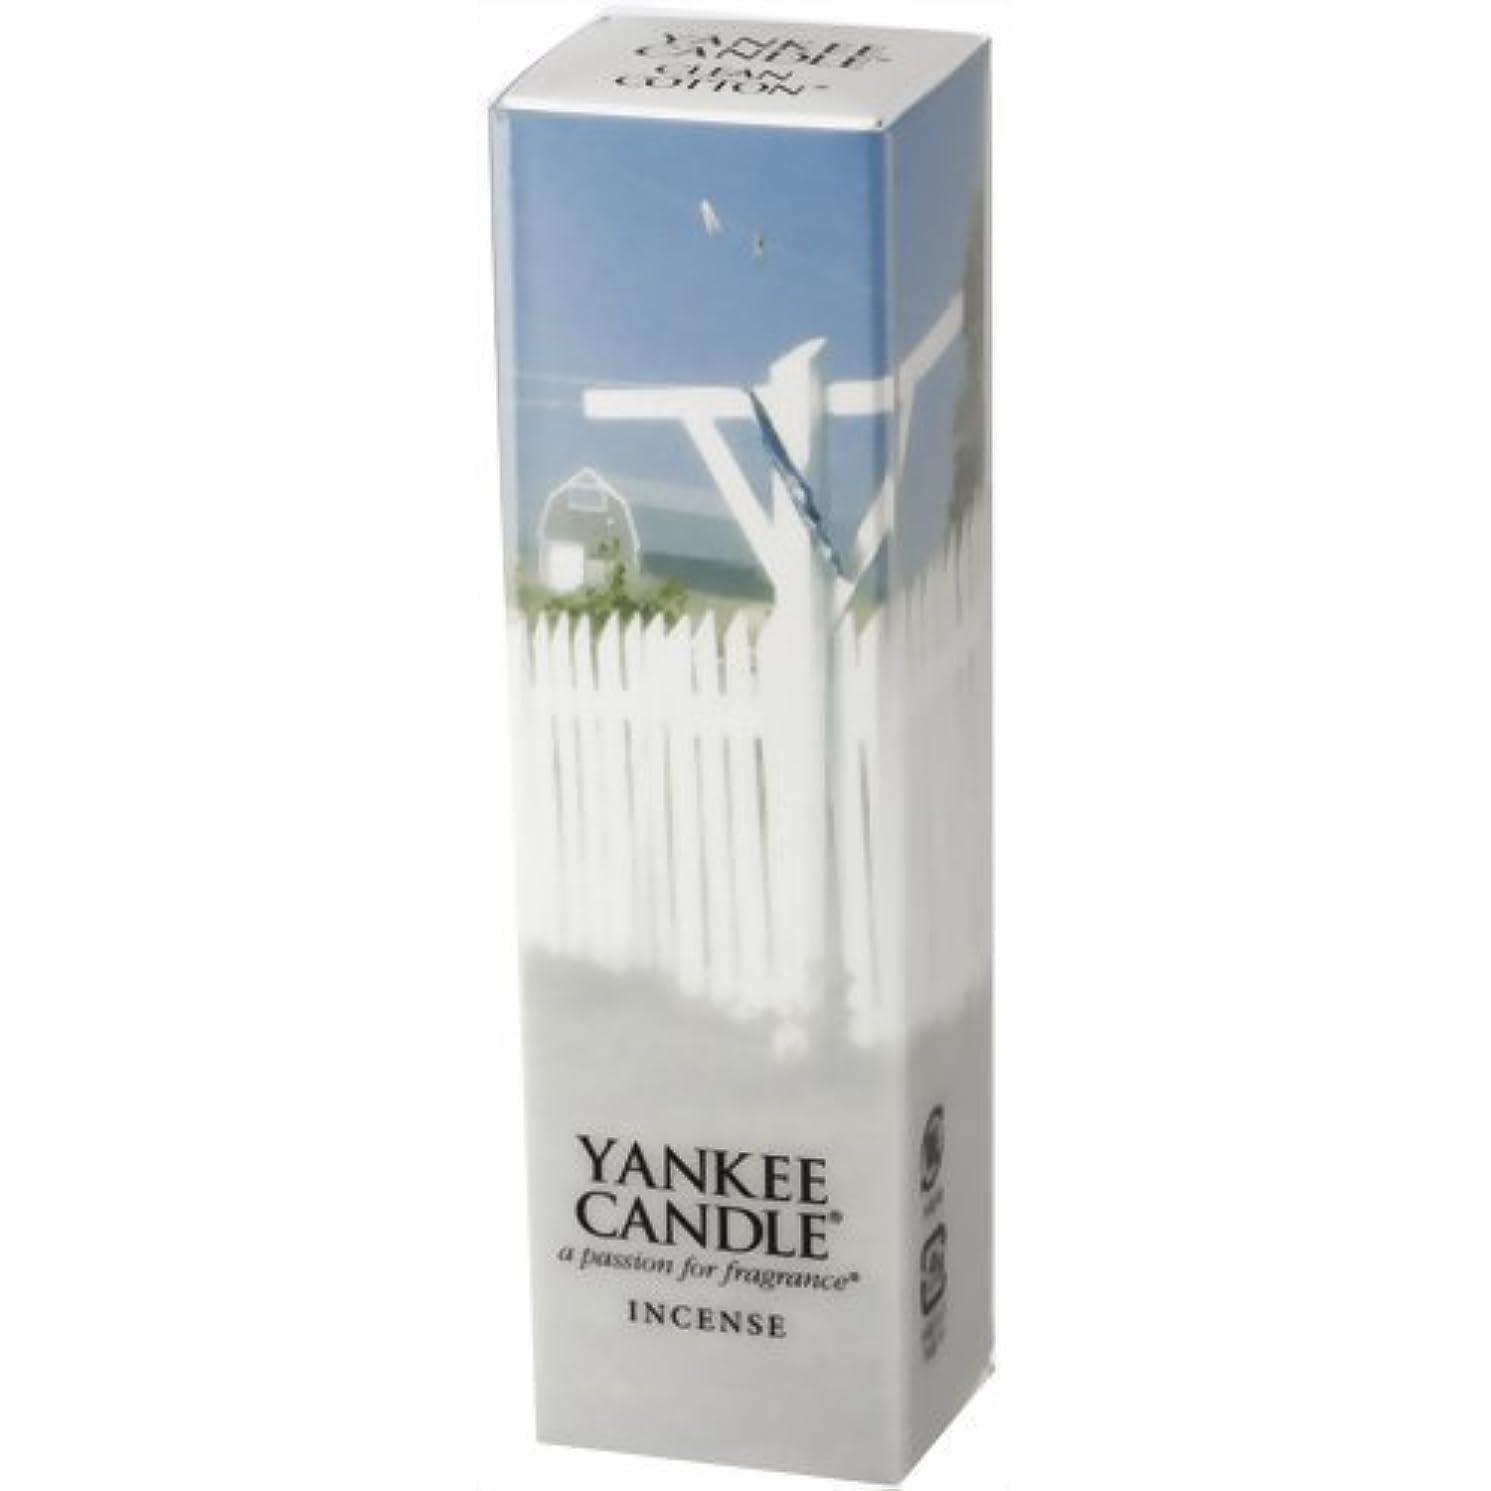 絶対に欠席悪魔YANKEE CANDLE(ヤンキーキャンドル) YCインセンス クリーンコットン